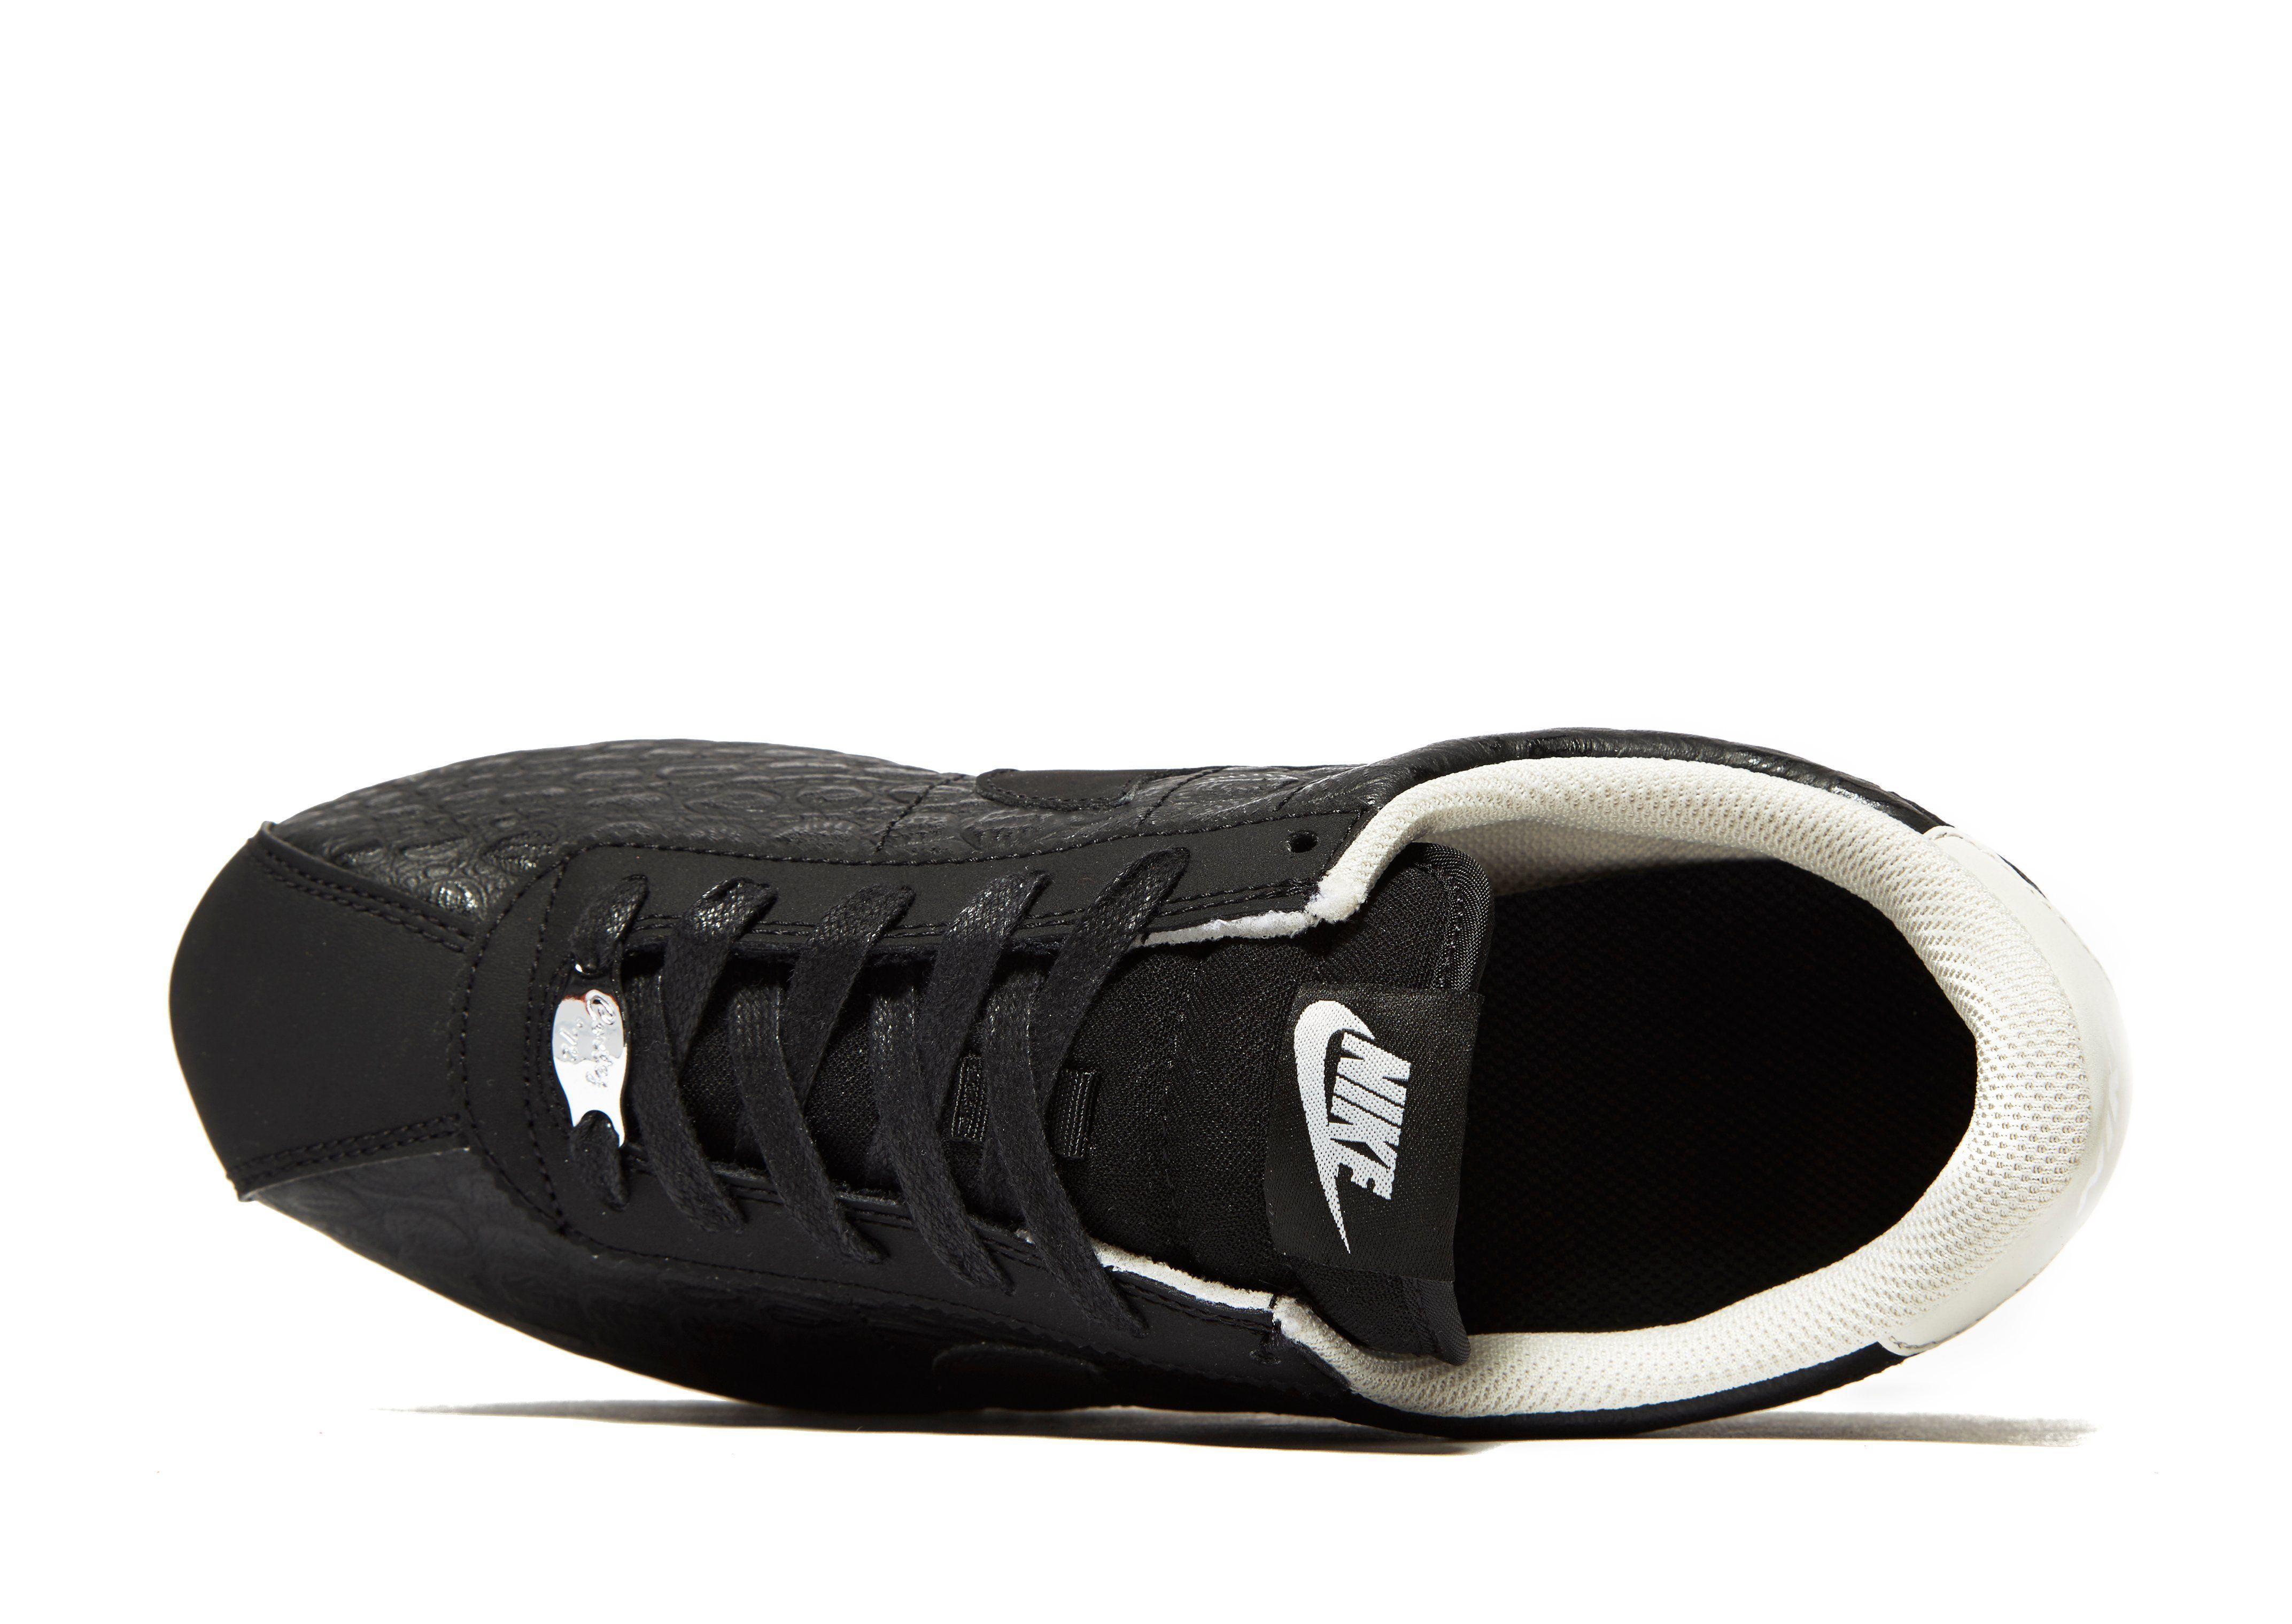 Großer Verkauf Zum Verkauf Nike Cortez Junior Schwarz-Weiß Schwarz Outlet Top-Qualität Schnelle Lieferung Online Billig Verkauf 2018 Unisex Sammlungen AigDSDCV3